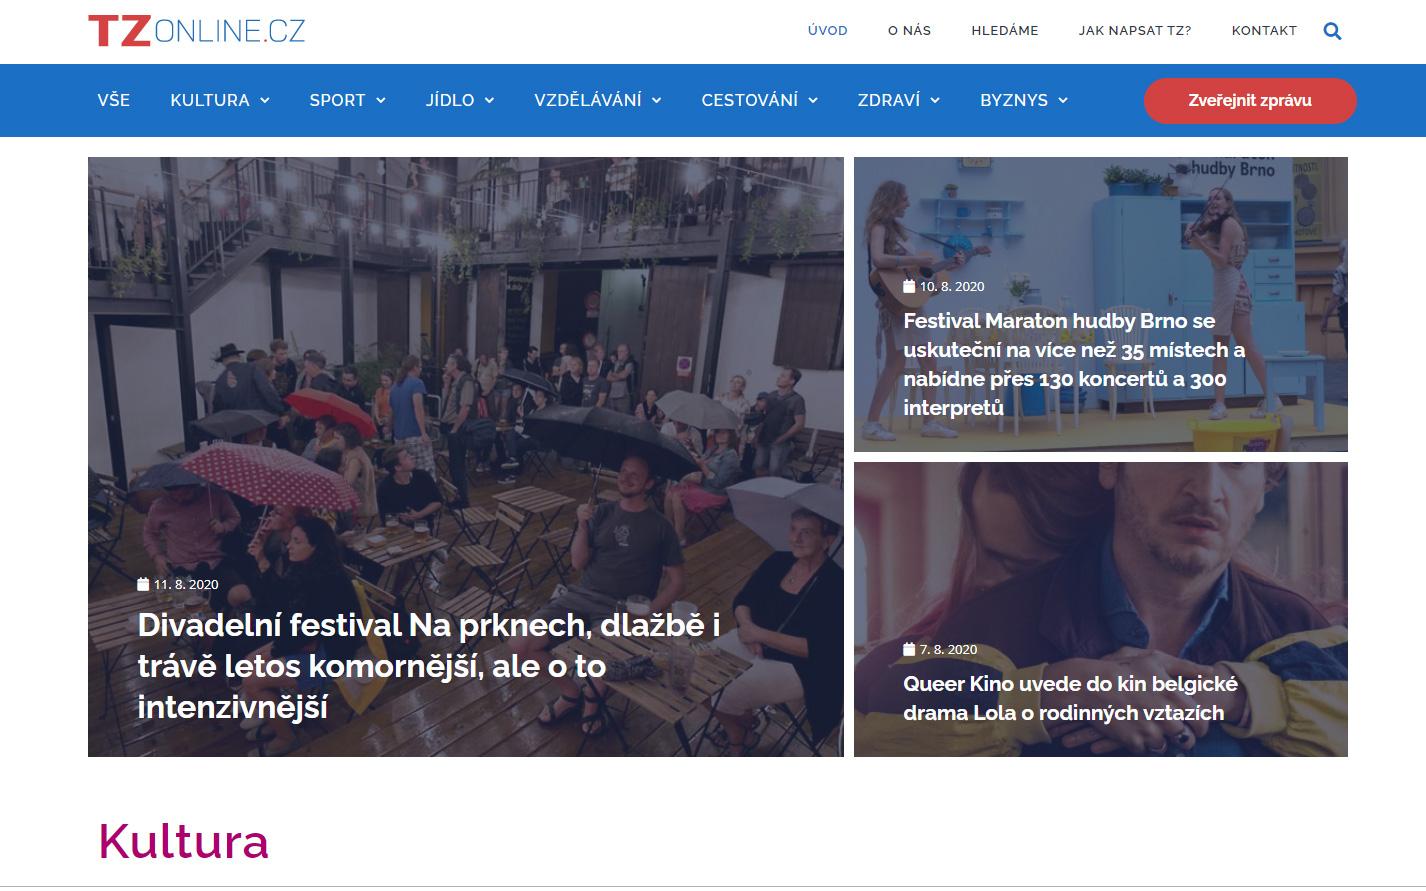 TZonline.cz – tiskové zprávy online – je nový počin spolku KULT